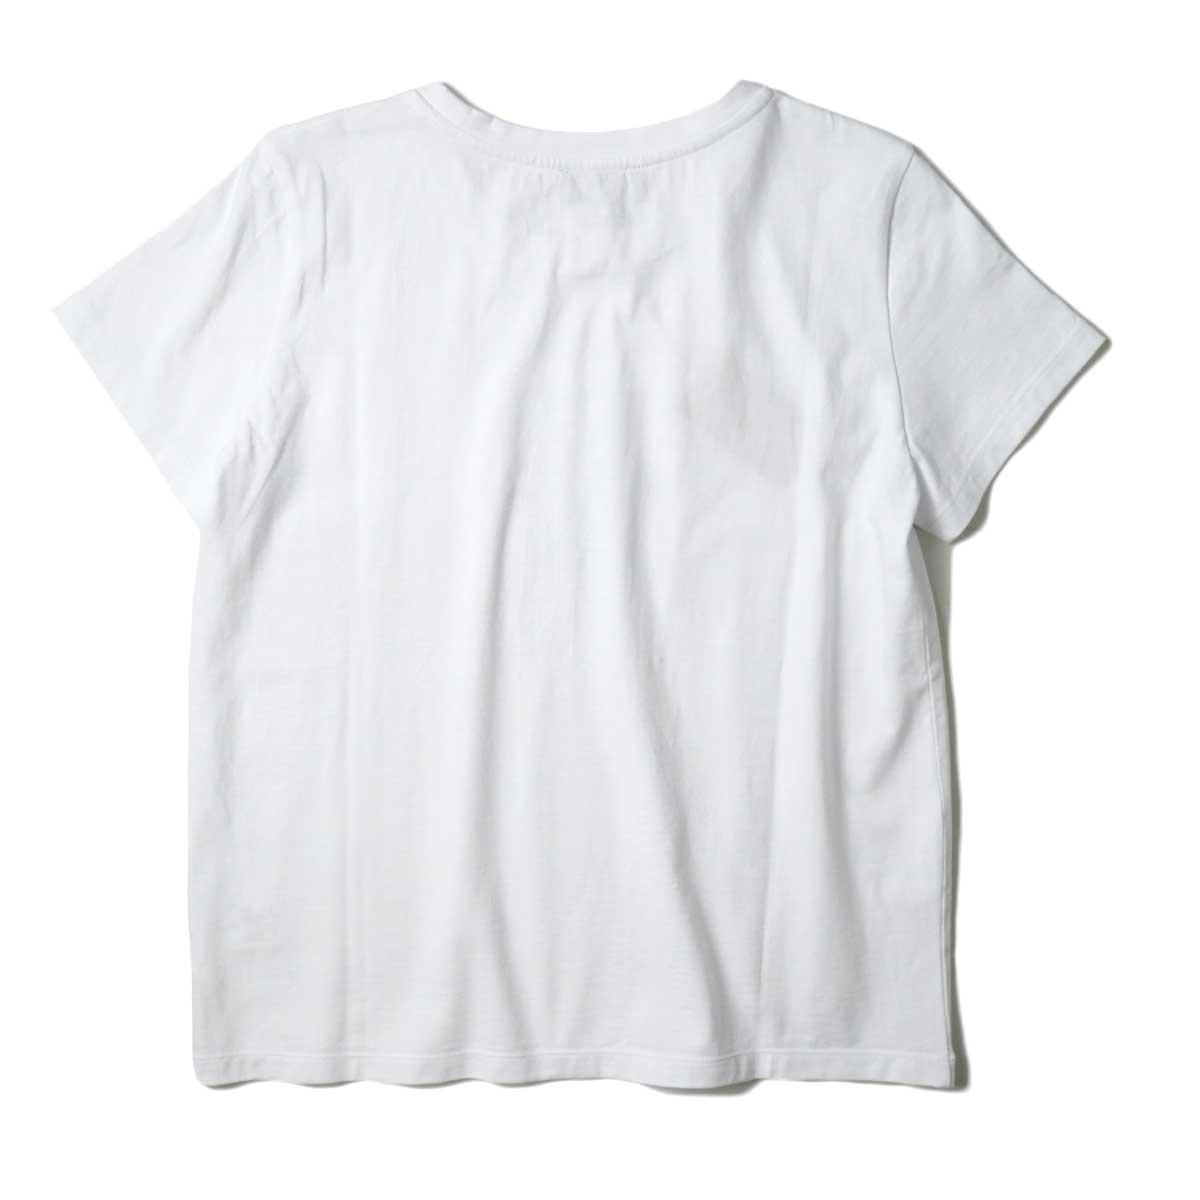 A.P.C. / ERYN Tシャツ (White) 背面